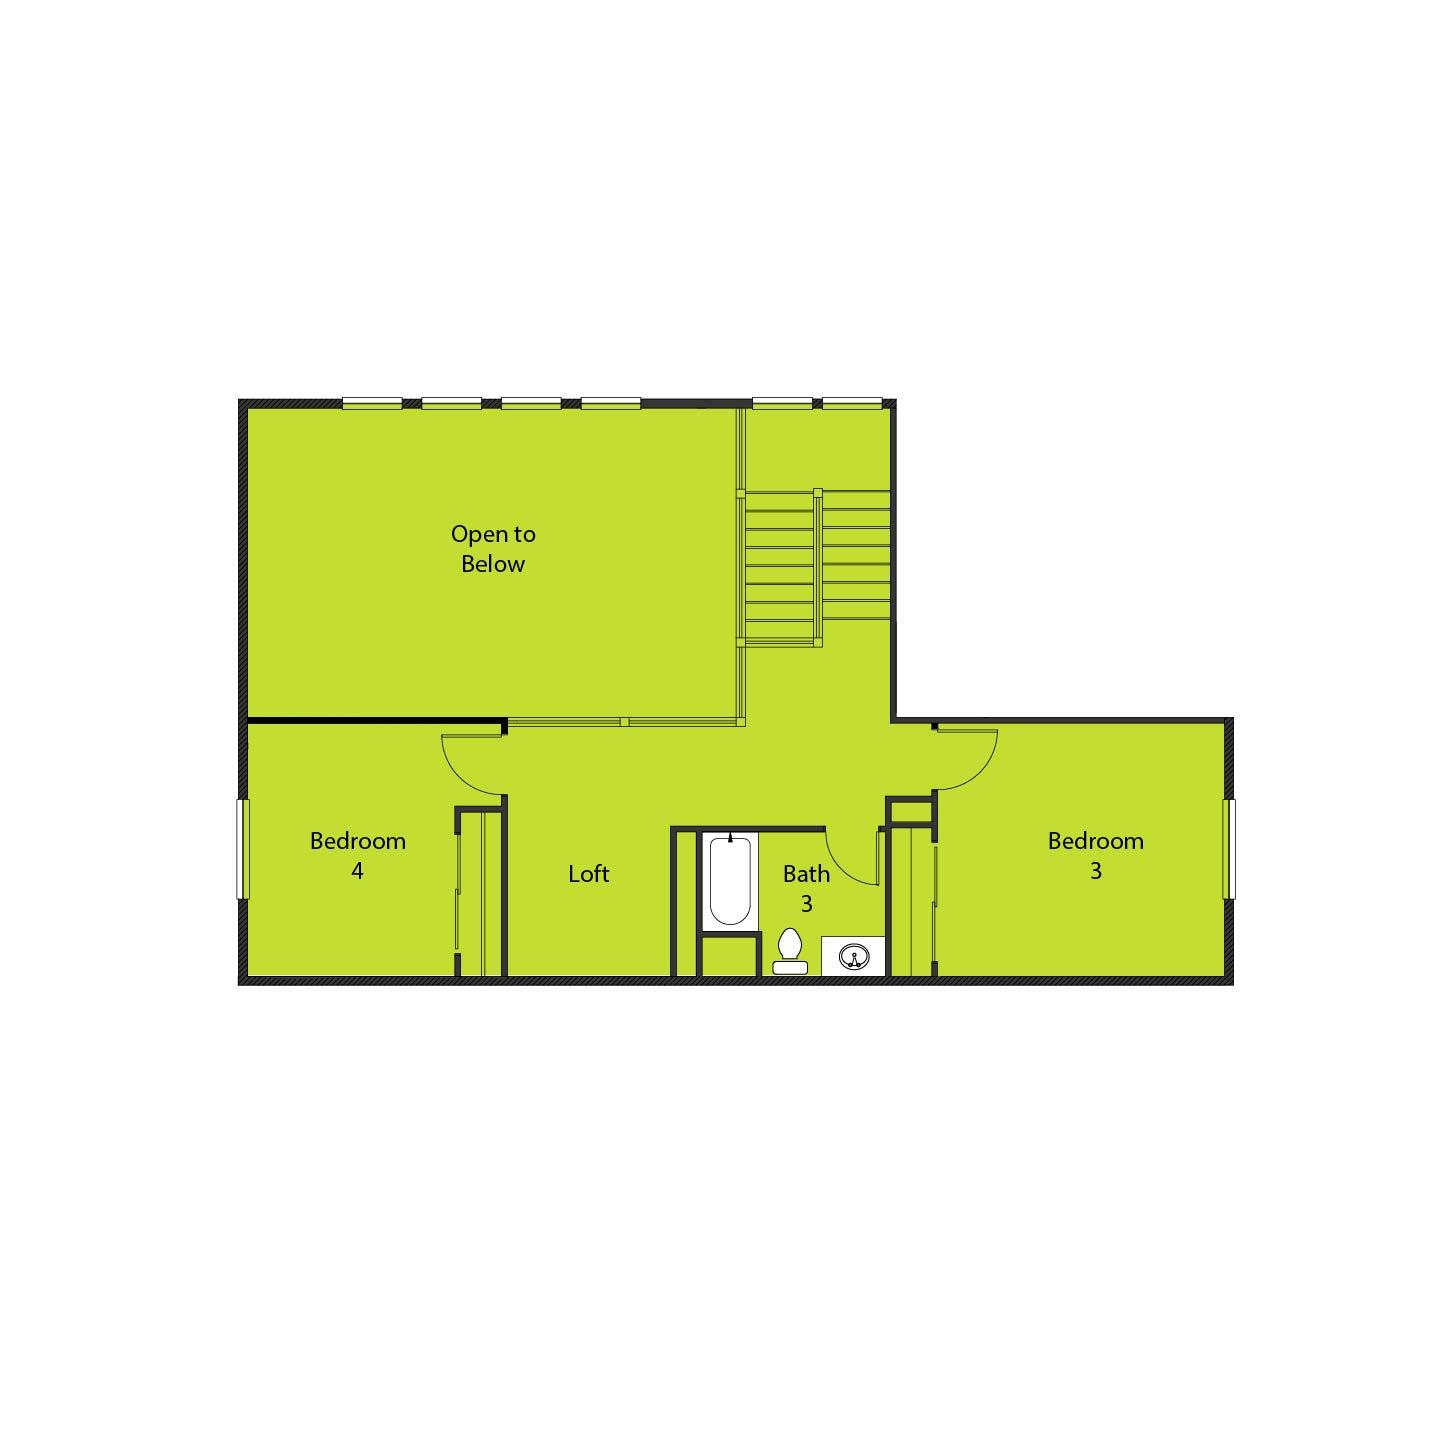 Sierra Oaks 2779 - 2nd - Bedroom 4 option